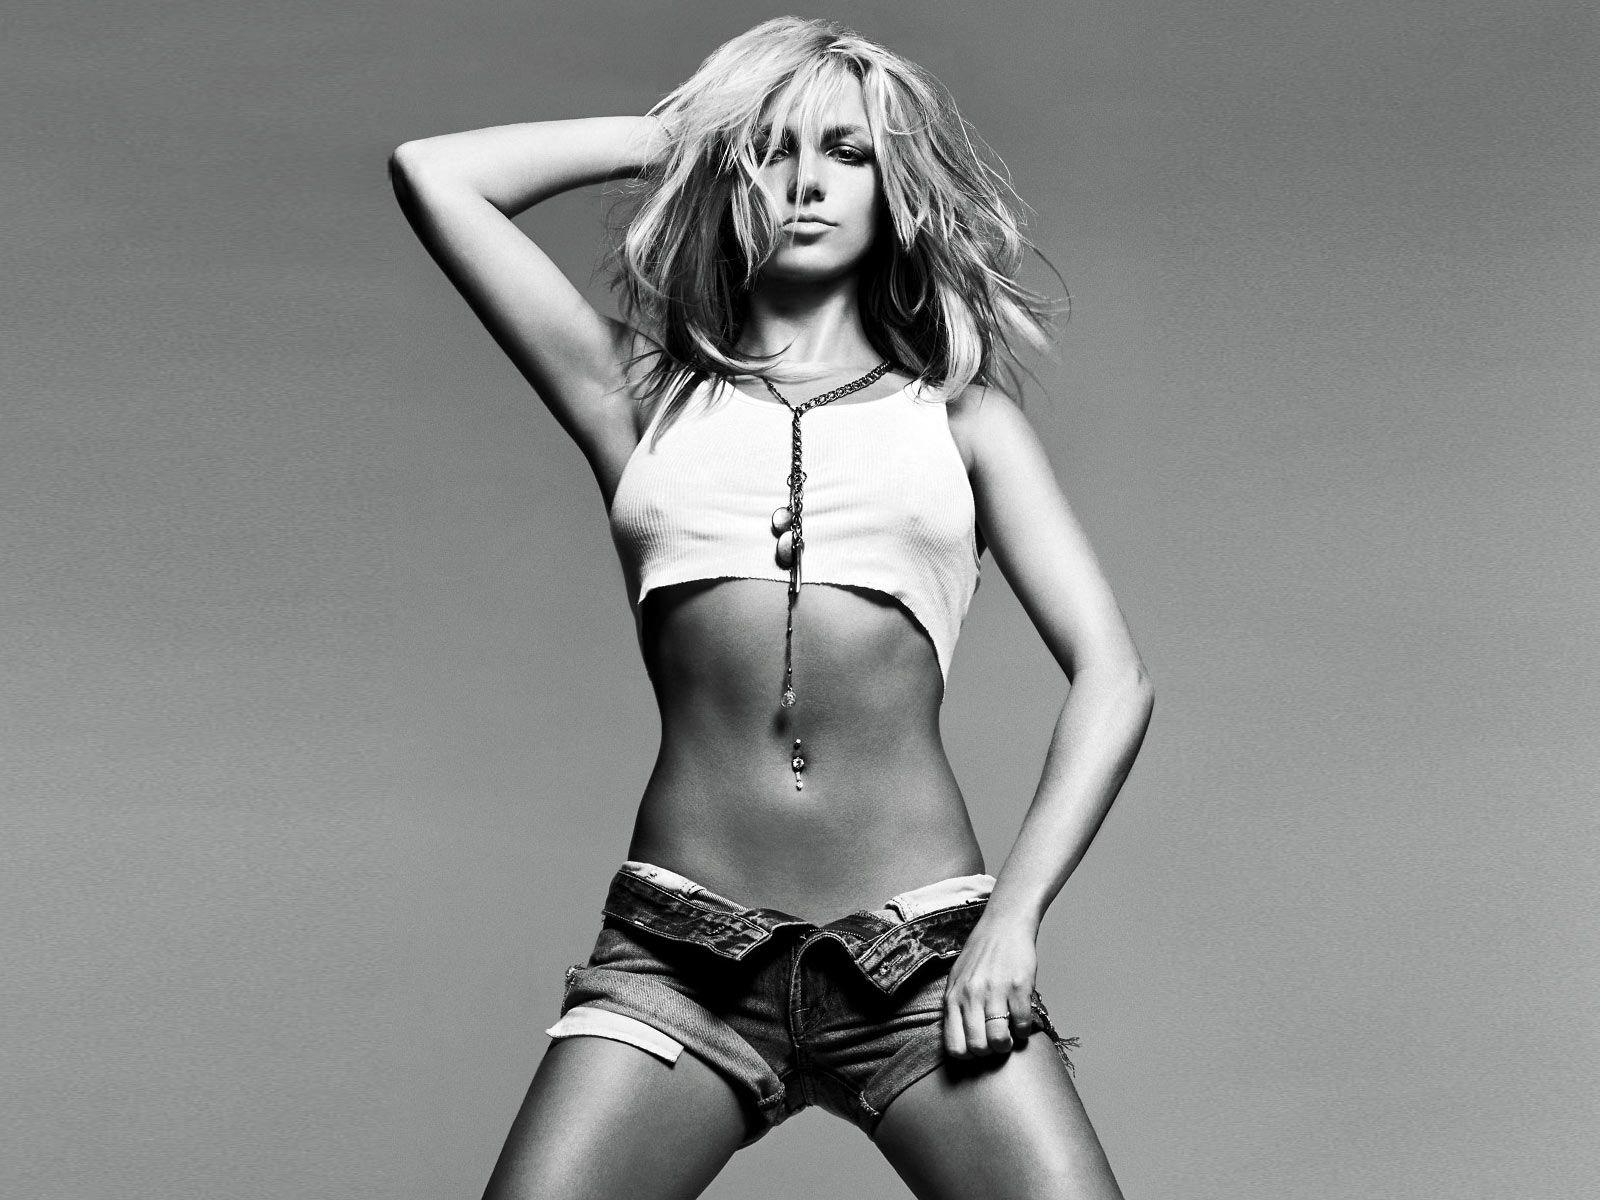 http://3.bp.blogspot.com/-qTX9AWTQvrE/To1UDNvRuSI/AAAAAAAAC8o/YjkUhddtjKs/s1600/Britney++spears+01+%2528136%2529.jpg